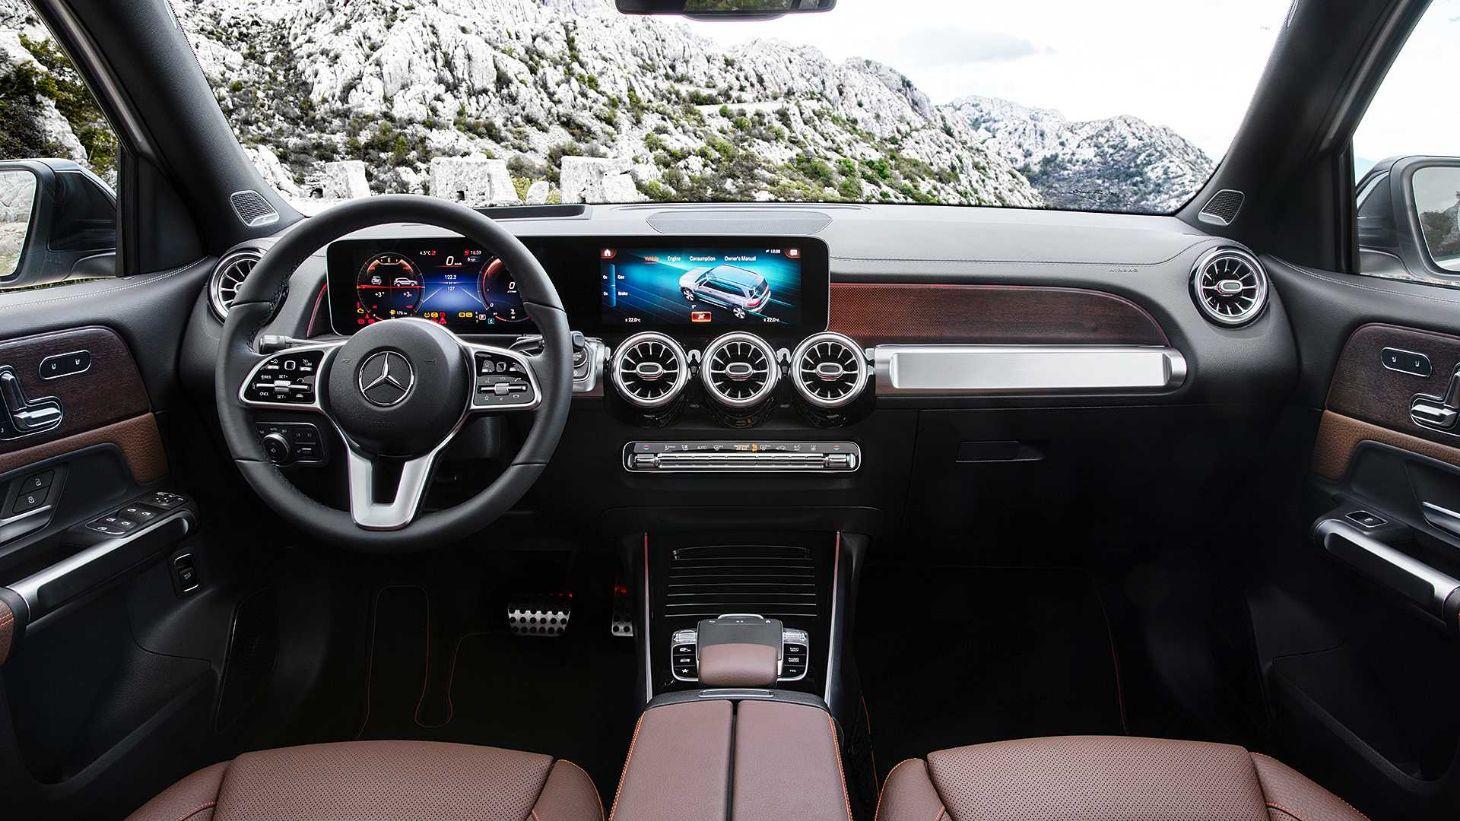 Mercedes-Benz apresenta o SUV GLB. Posicionado entre os modelos GLA e GLC, utilitário de sete lugares deve chegar ao Brasil em 2020.